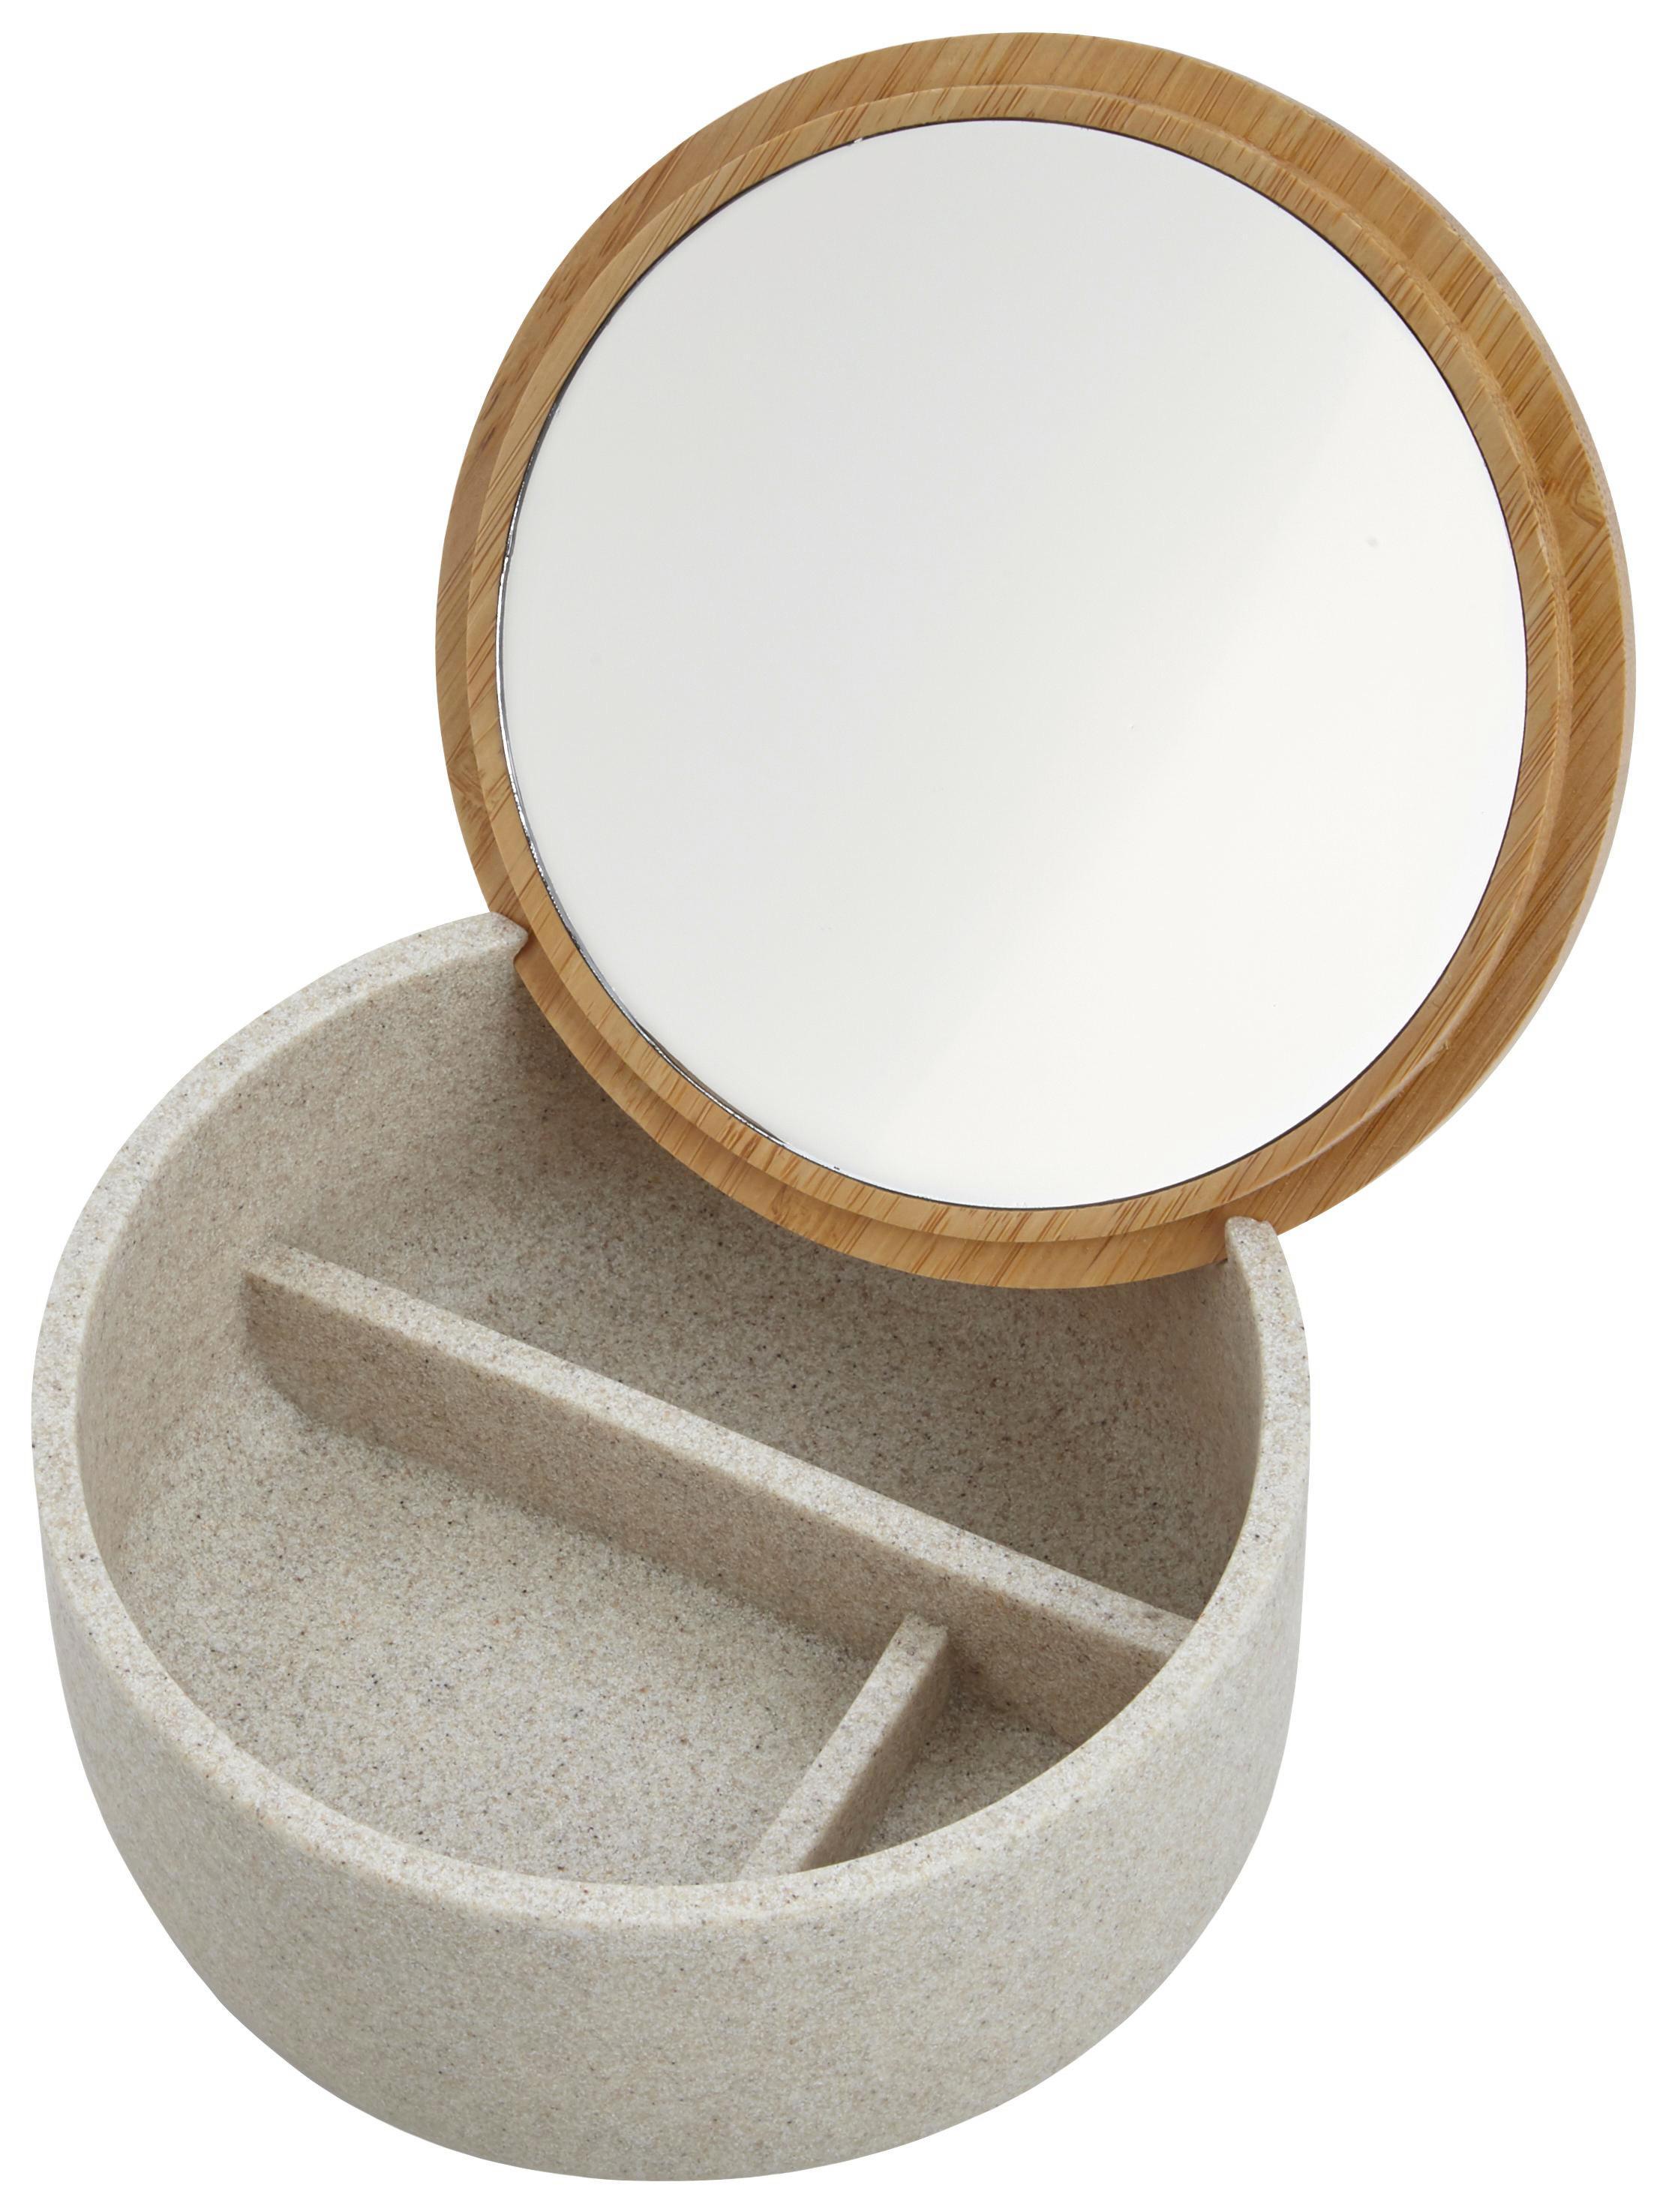 KOSMETICKÁ DÓZA - šedá, Basics, dřevo/umělá hmota (13,5/6,5/13,5cm) - CELINA